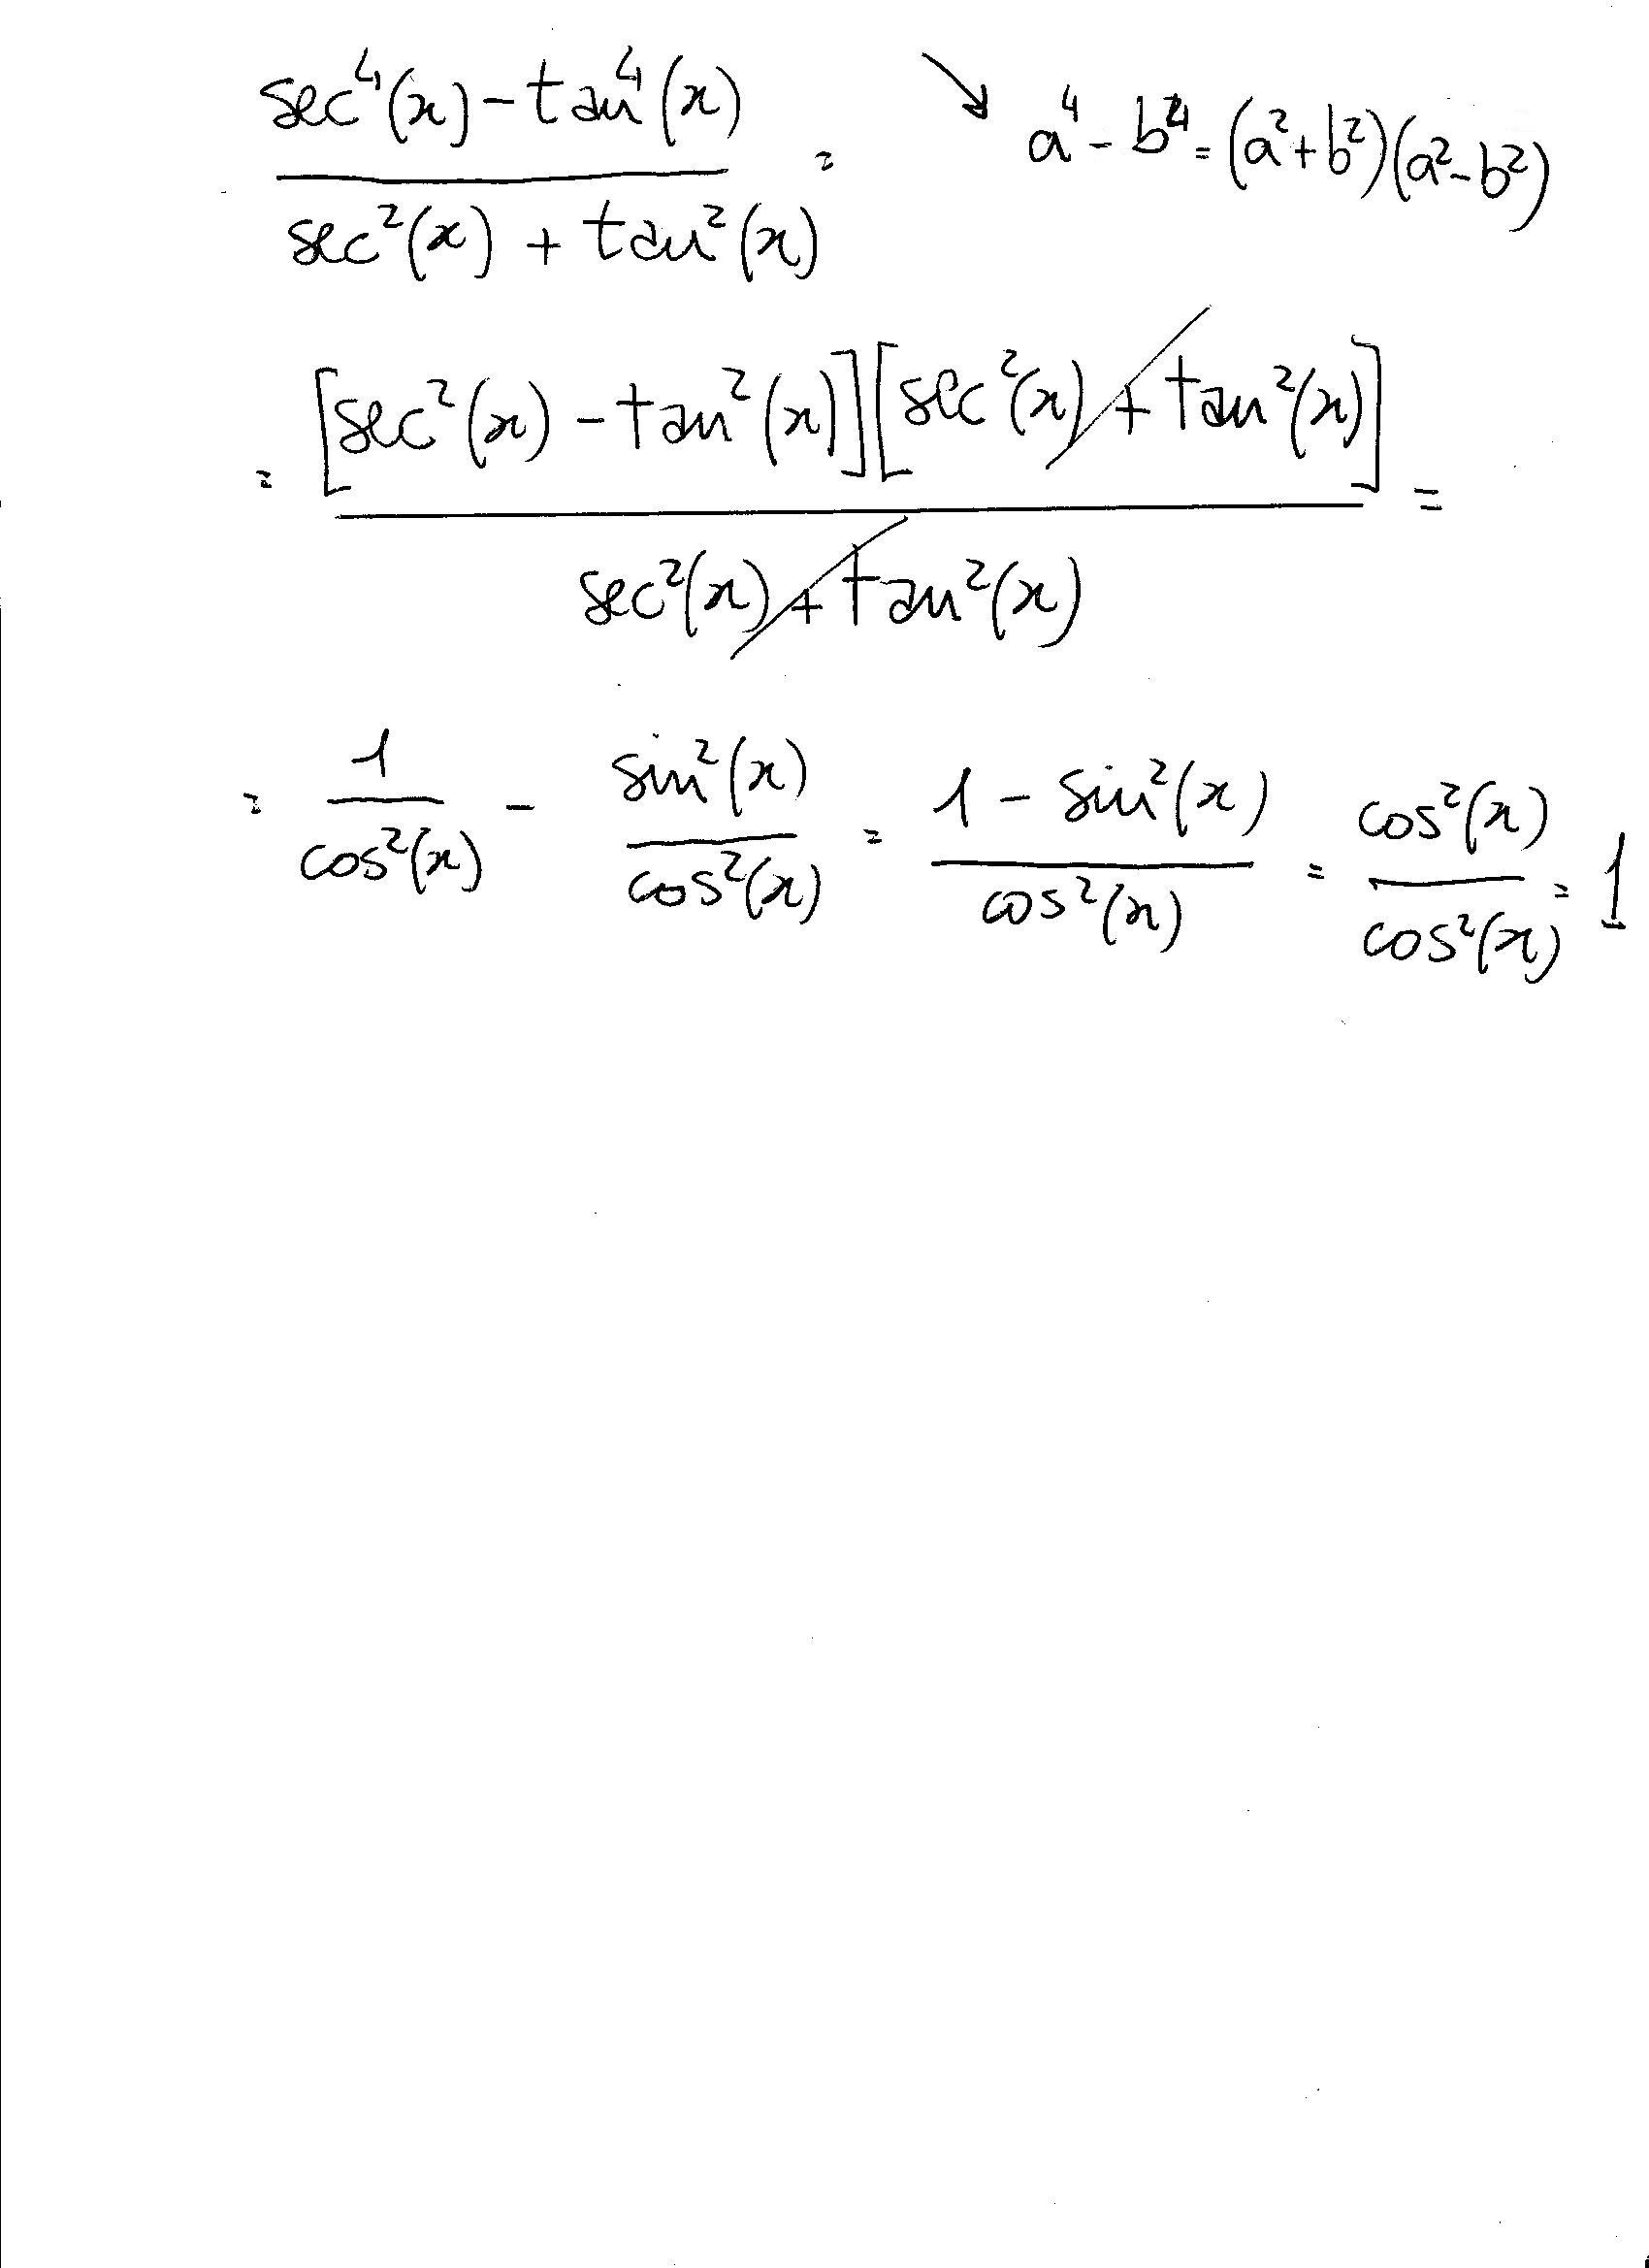 How Do You Simplify (sec^4x-tan^4x)/(sec^2x+tan^2x